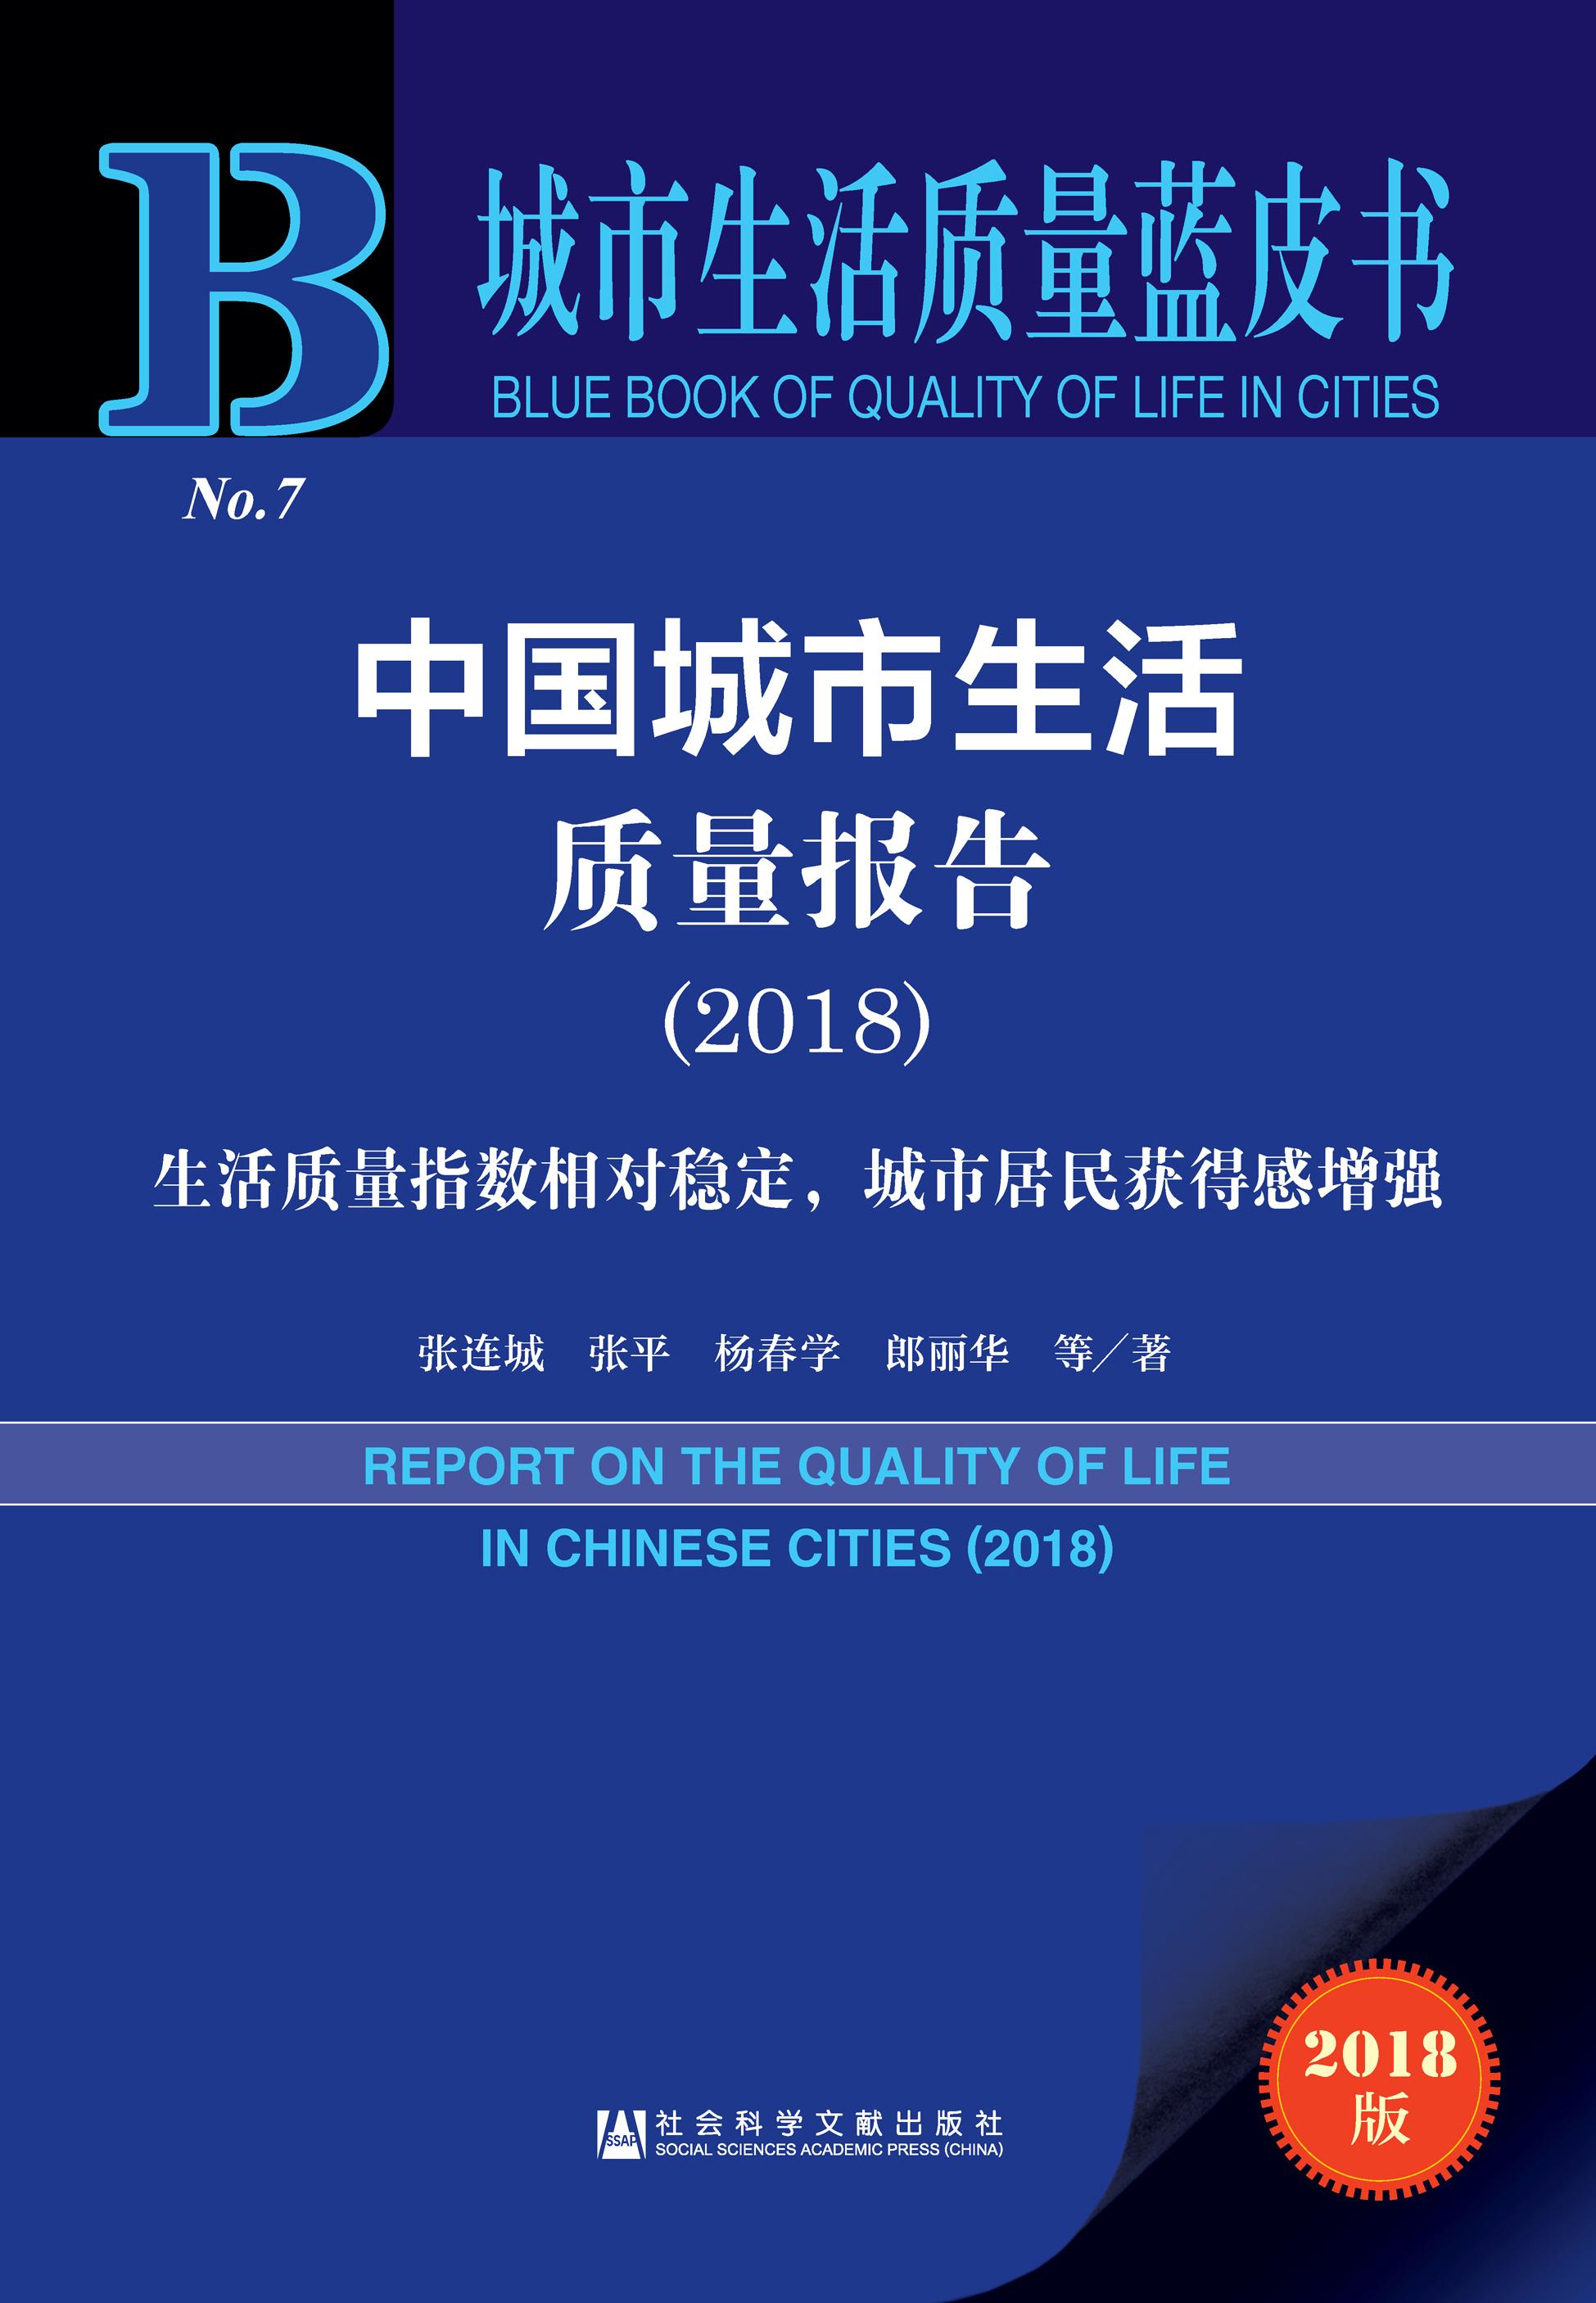 中国城市生活质量报告(2018)